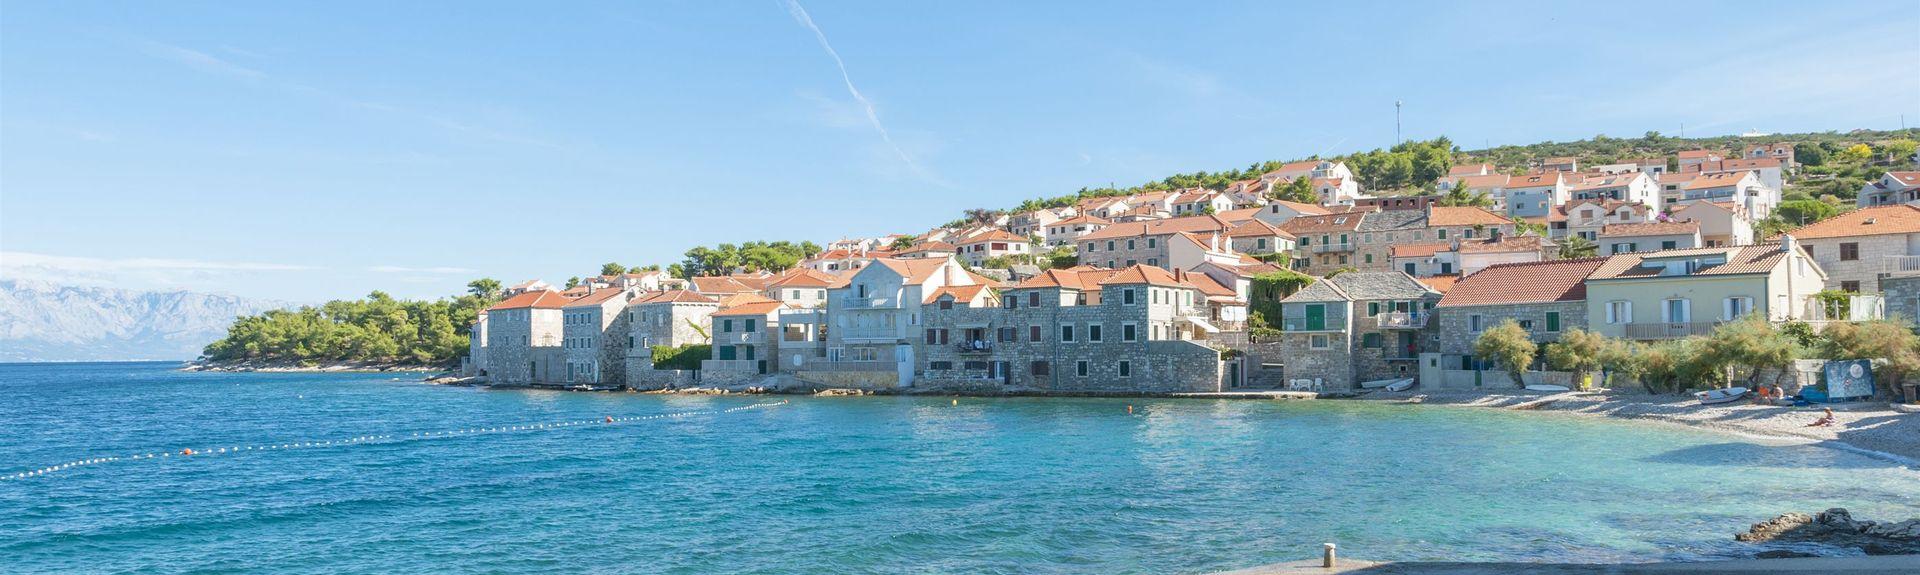 Milna, Split-Dalmatie, Croatie